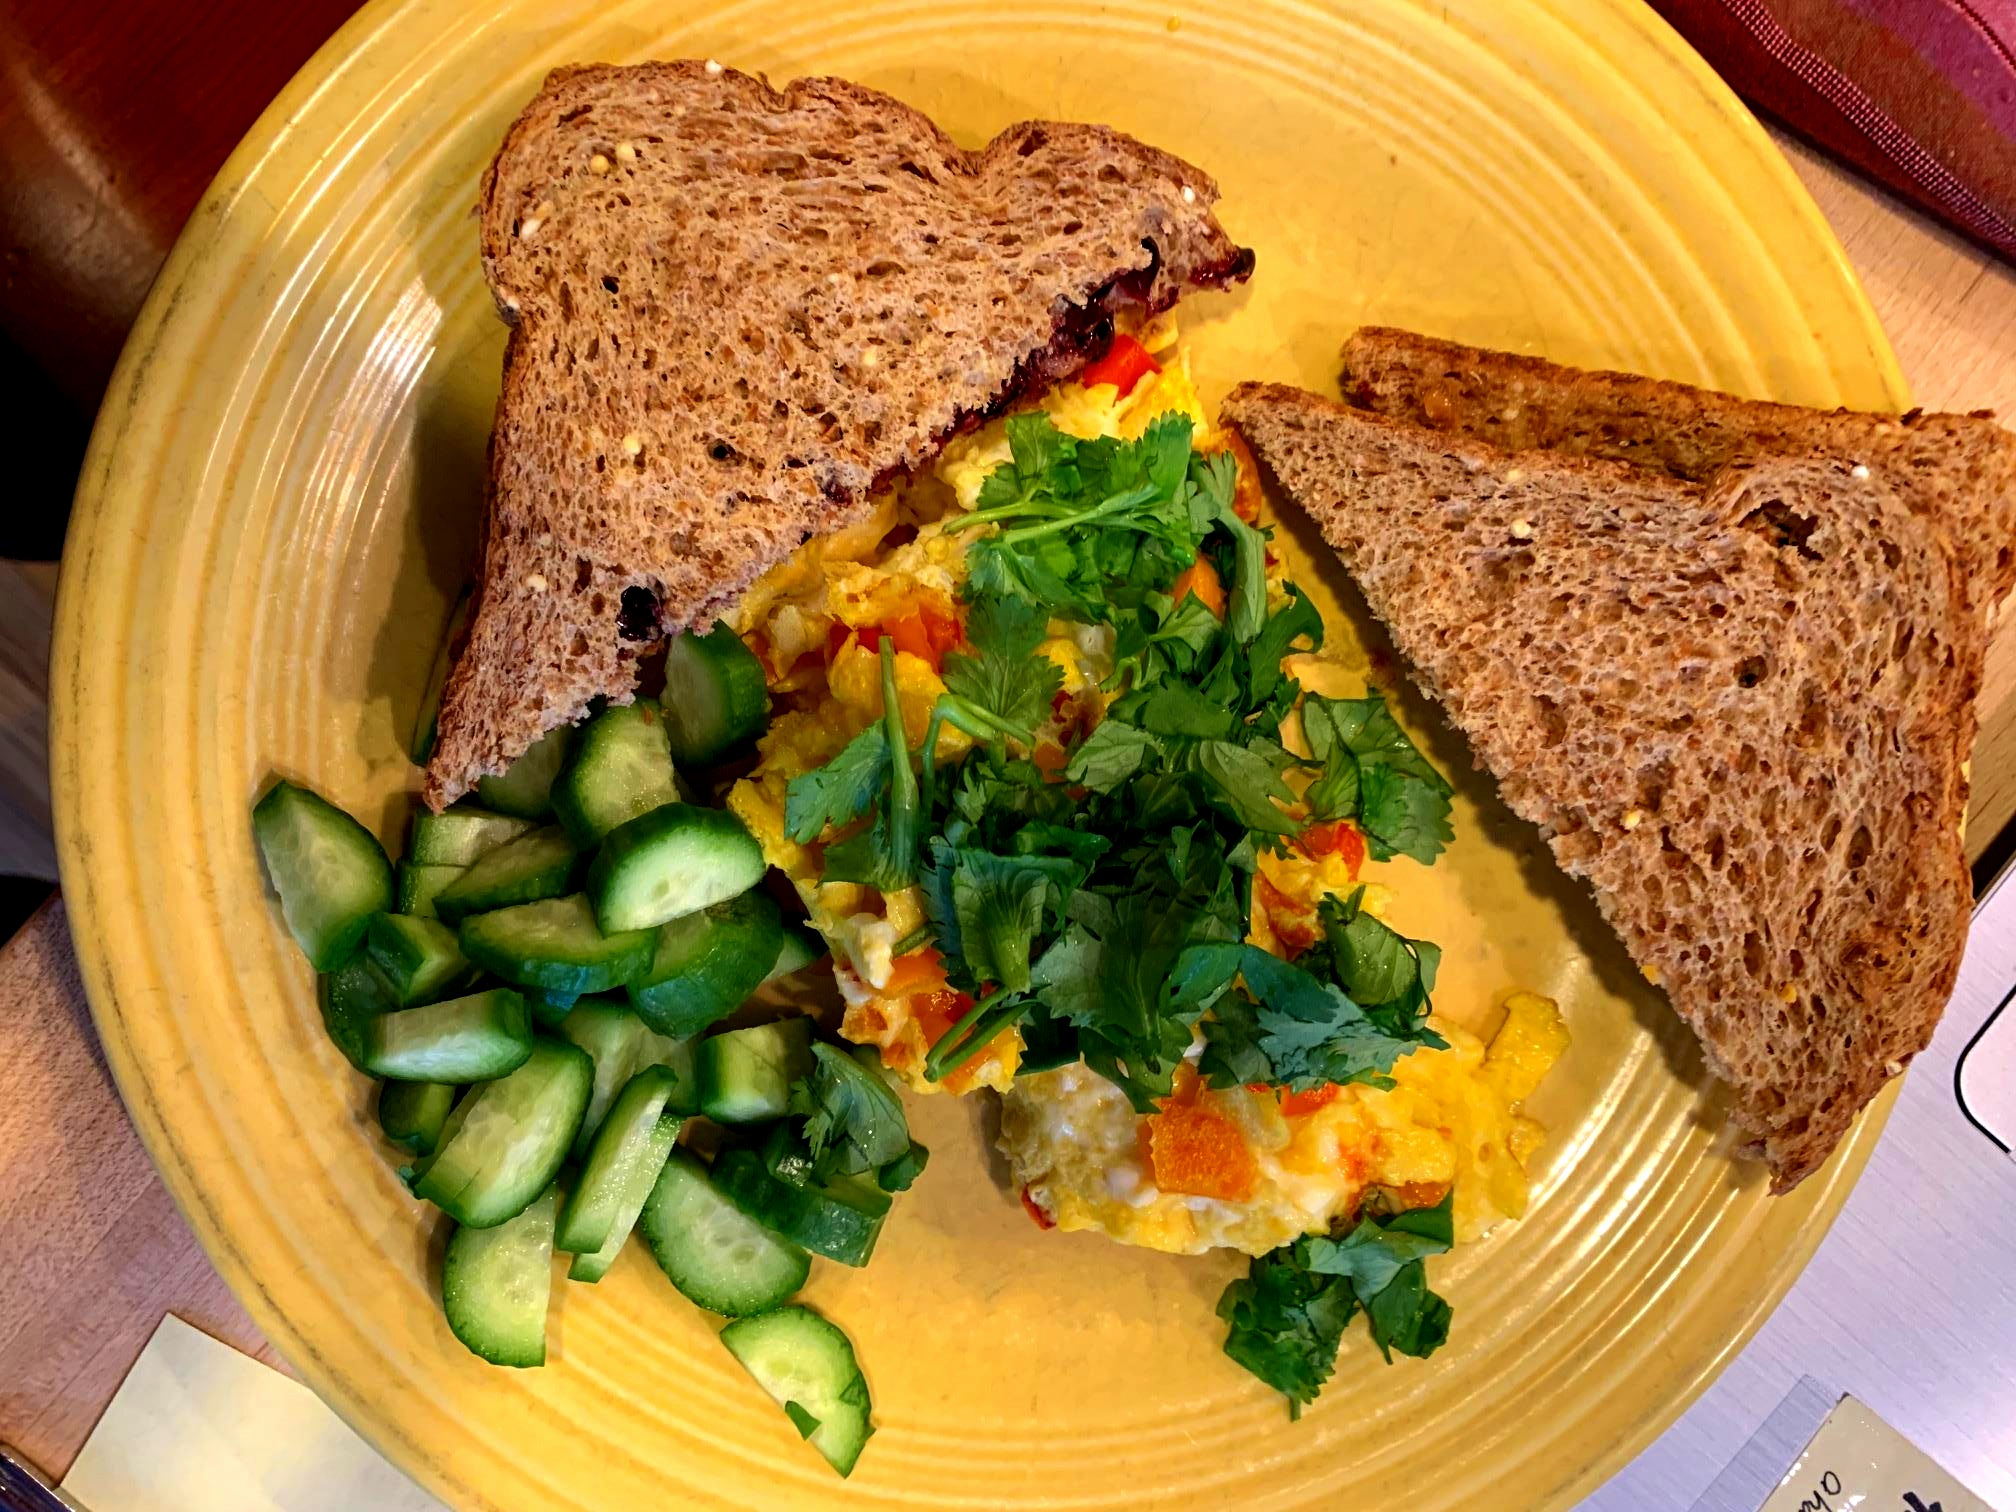 Omlette-veggies.jpg